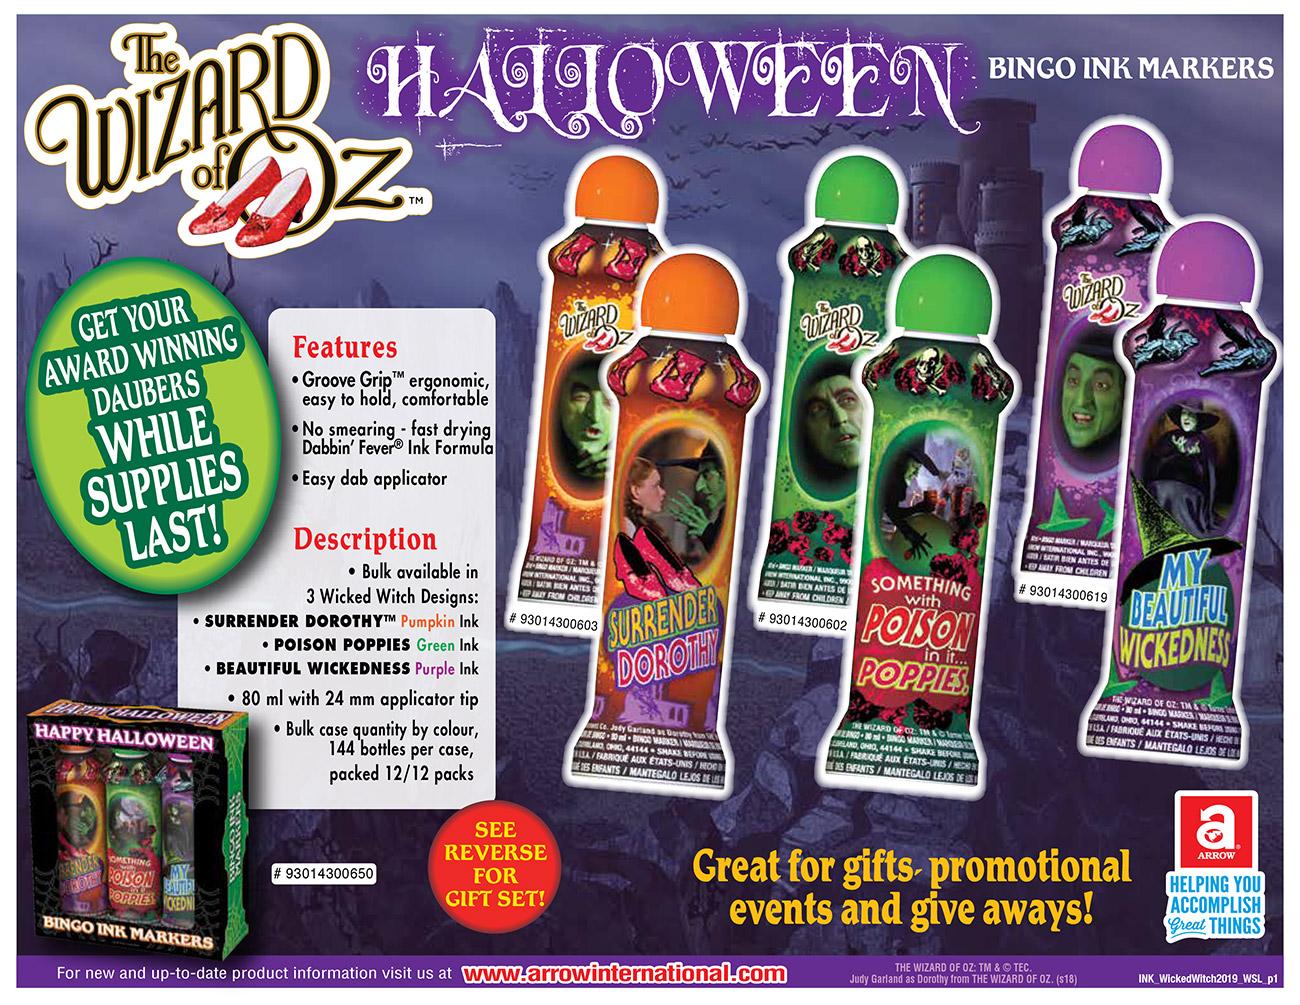 Halloween Bingo Ink Marker